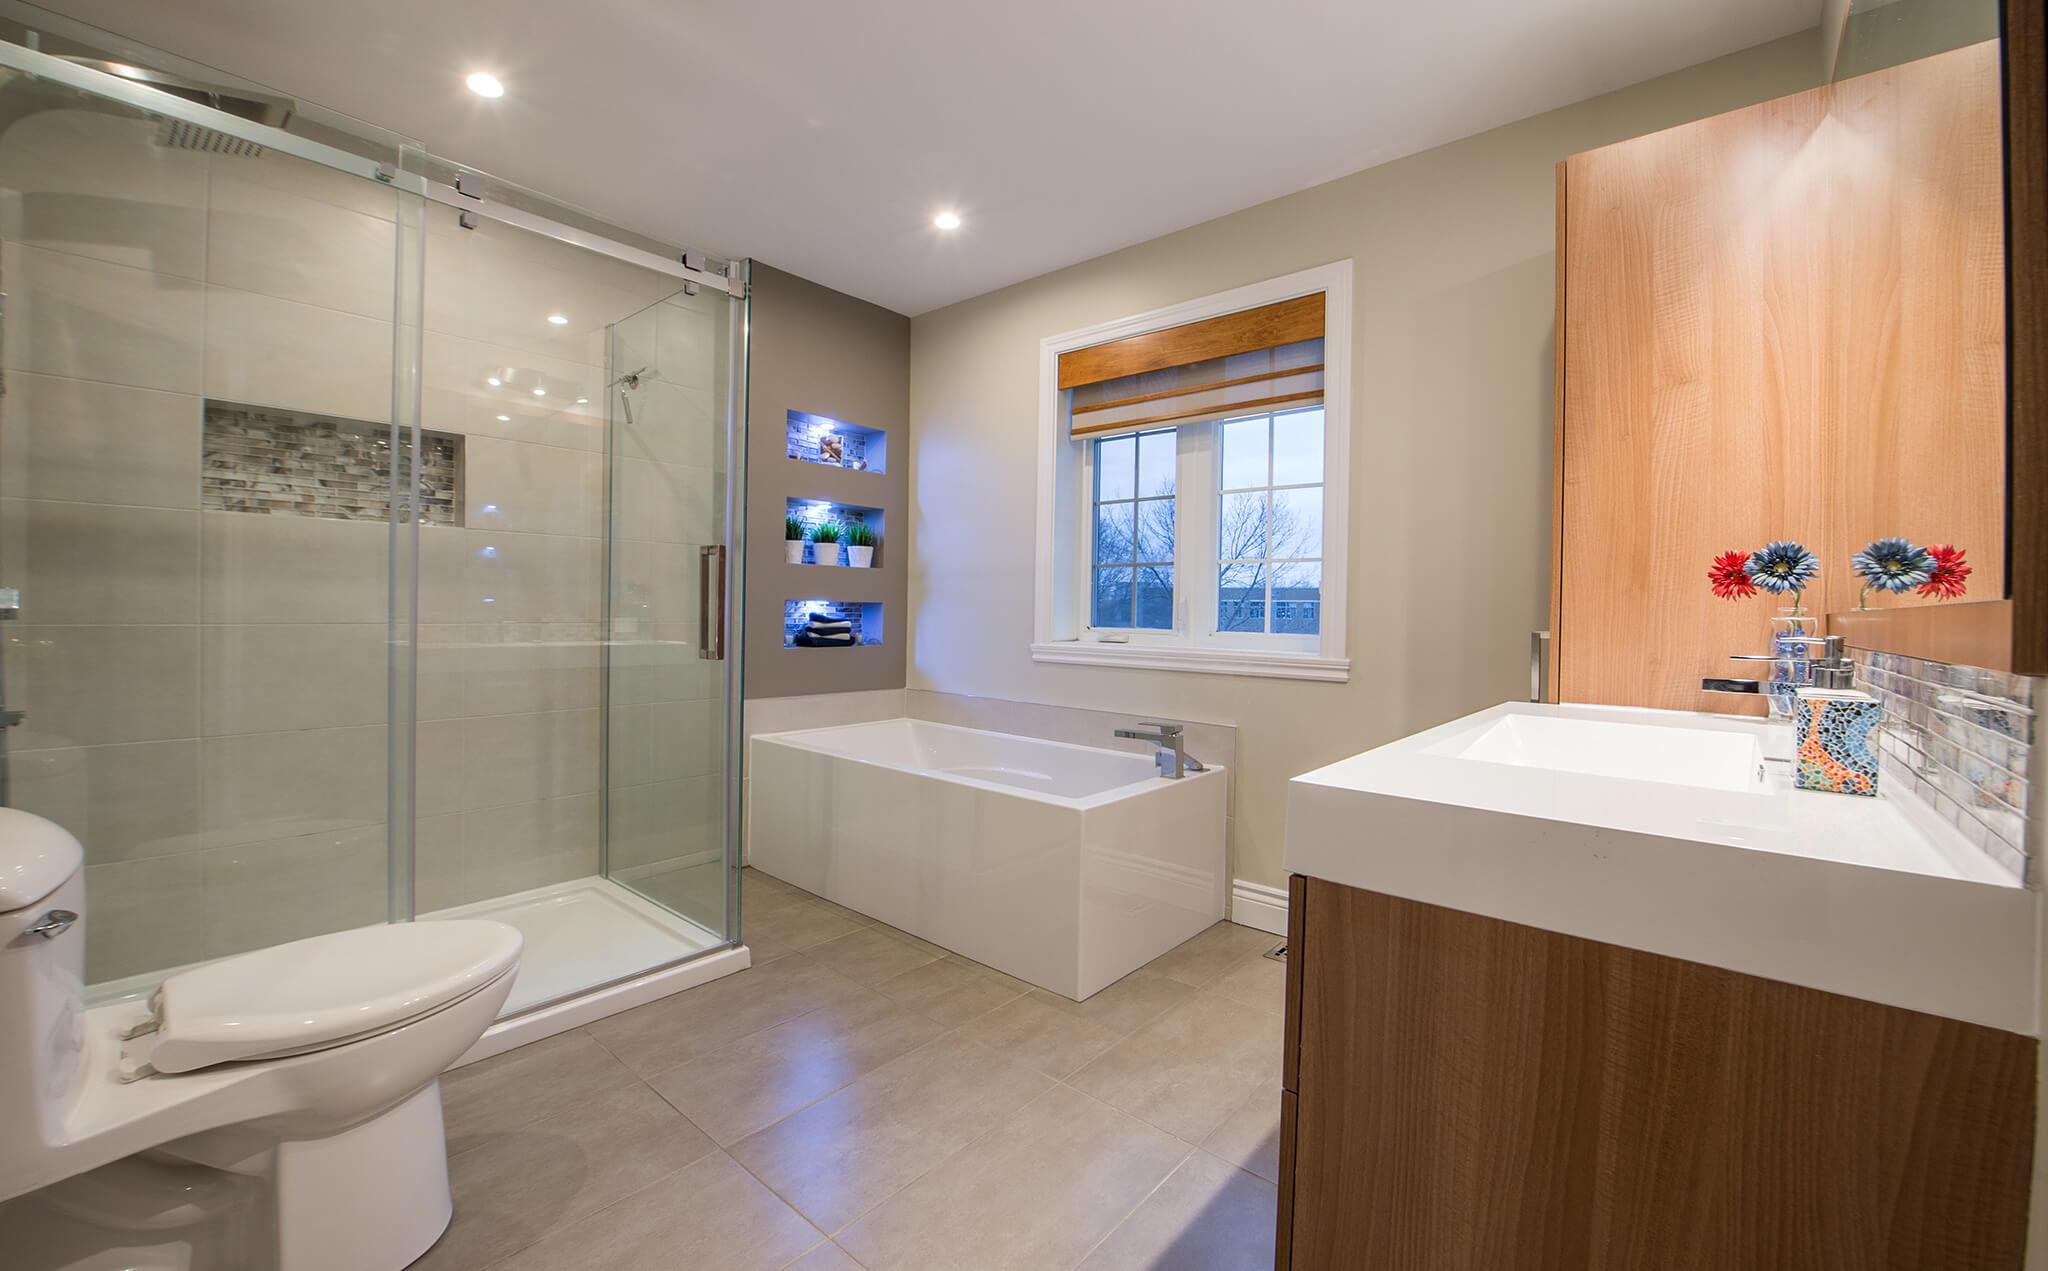 Histoire de rnovation Une salle de bain zen